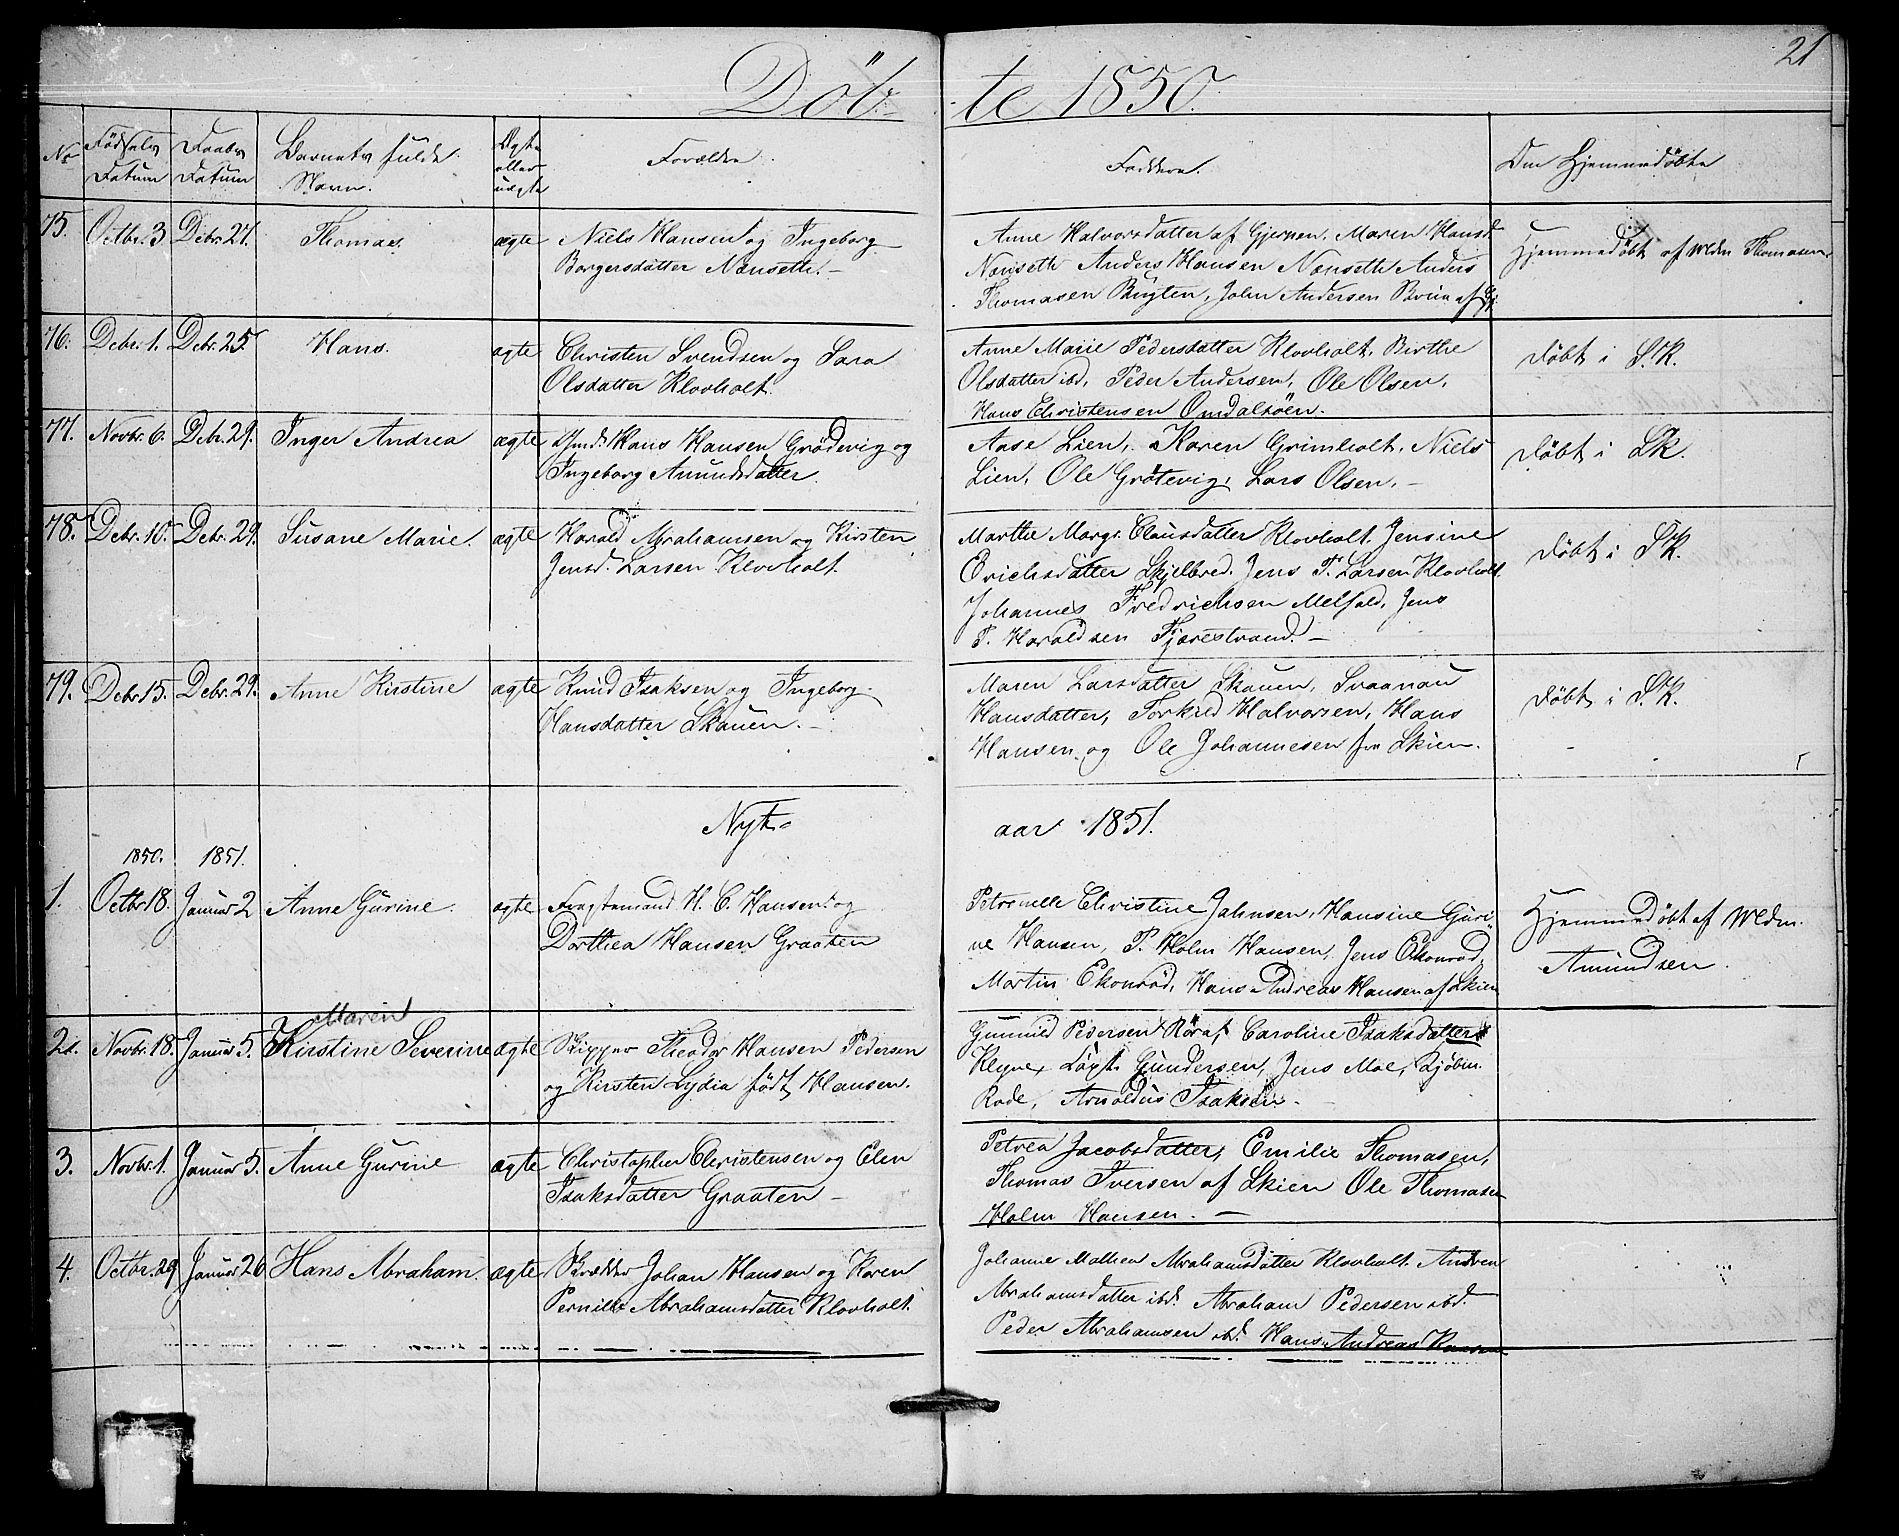 SAKO, Solum kirkebøker, G/Ga/L0003: Klokkerbok nr. I 3, 1848-1859, s. 21